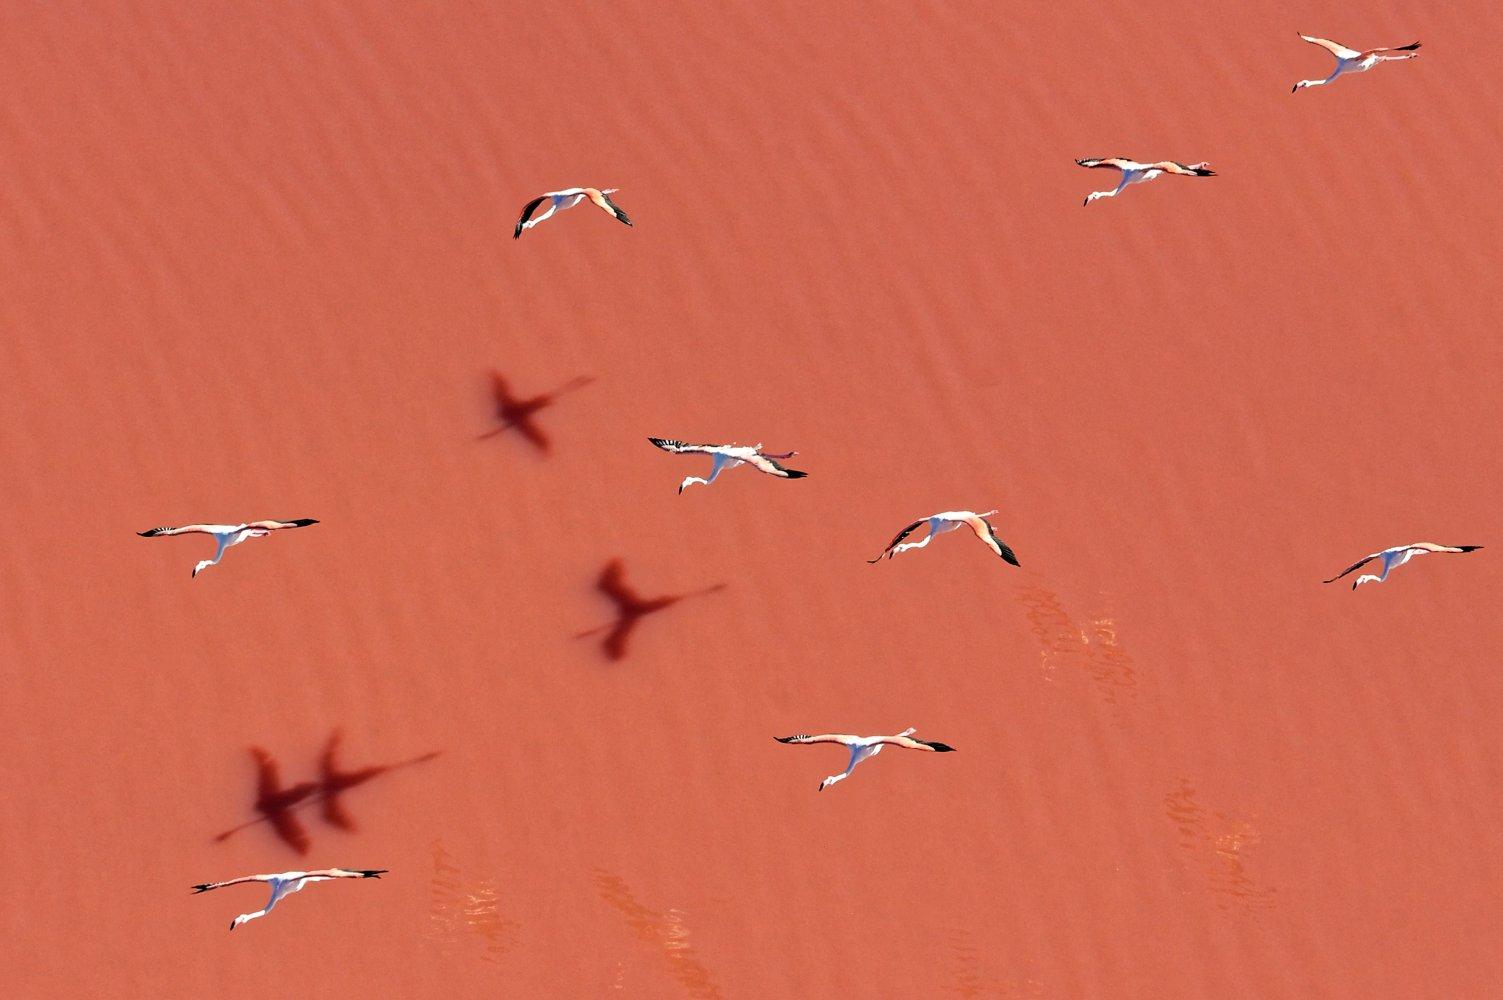 die Vögel beobachten